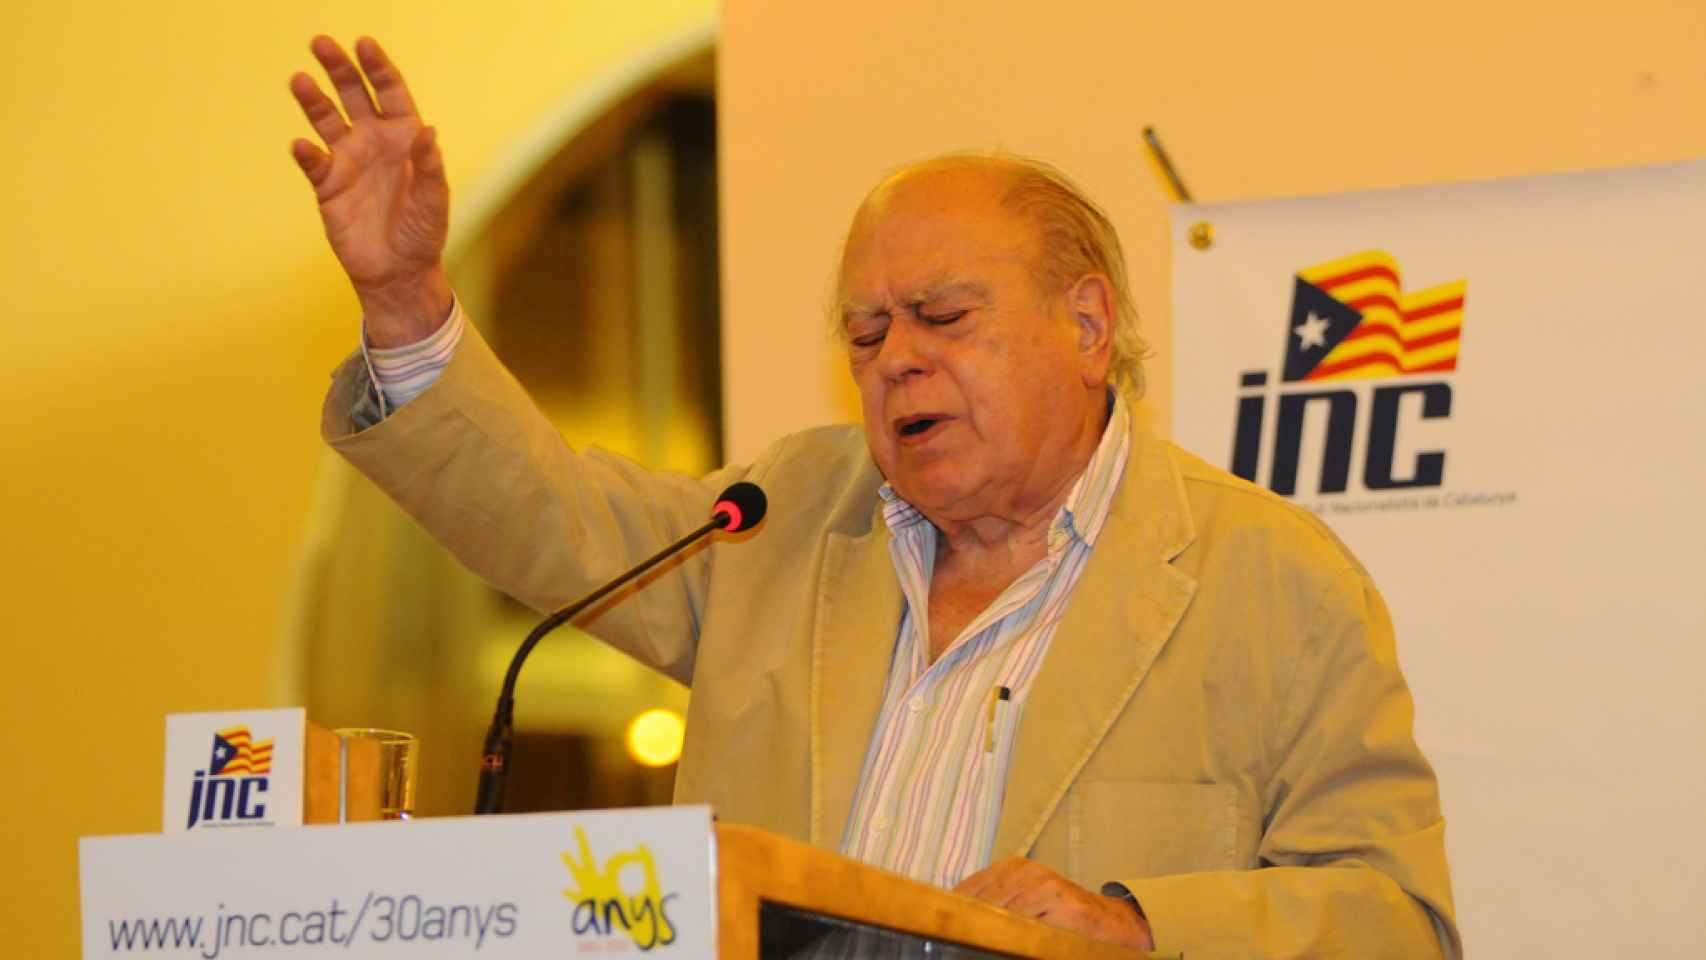 Jordi Pujol. en el mitin Nit dels 30 anys de JNC/Flickr